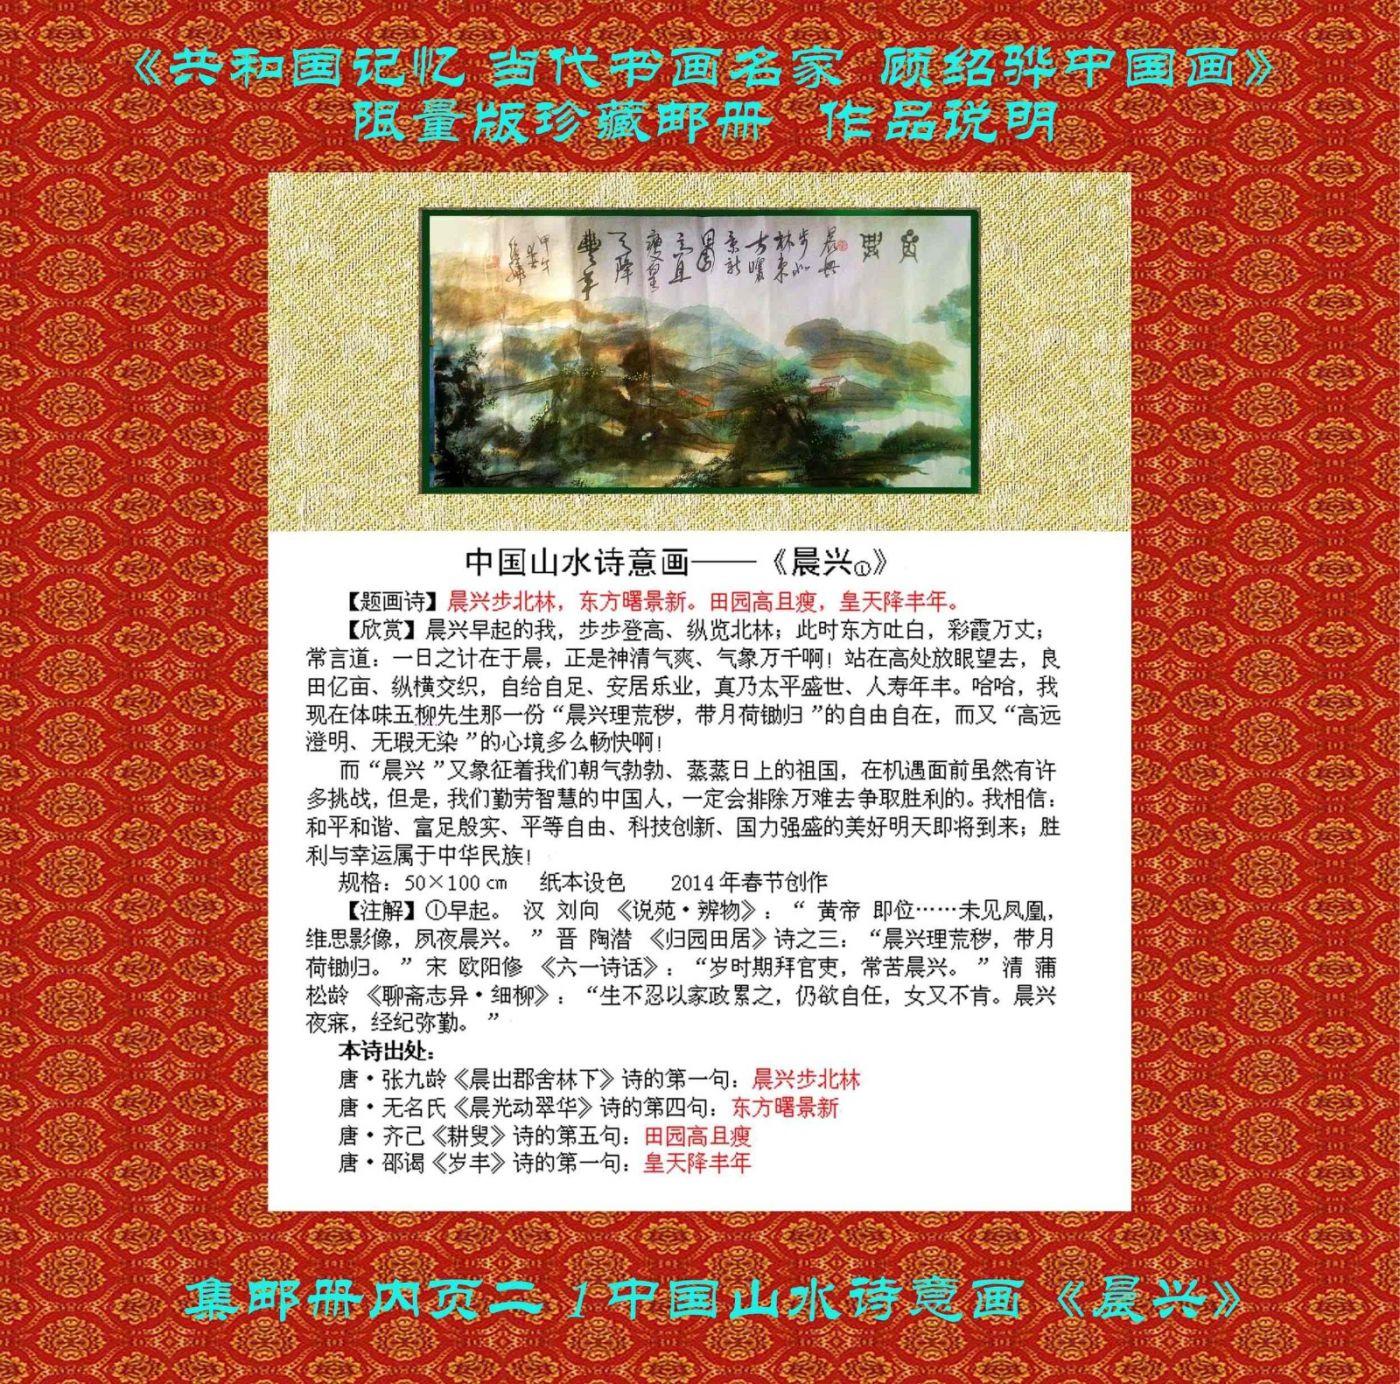 """""""顾绍骅的诗情画意""""入选《共和国记忆 ·中国书画艺术名家》限量版集邮珍藏册 ..._图1-4"""